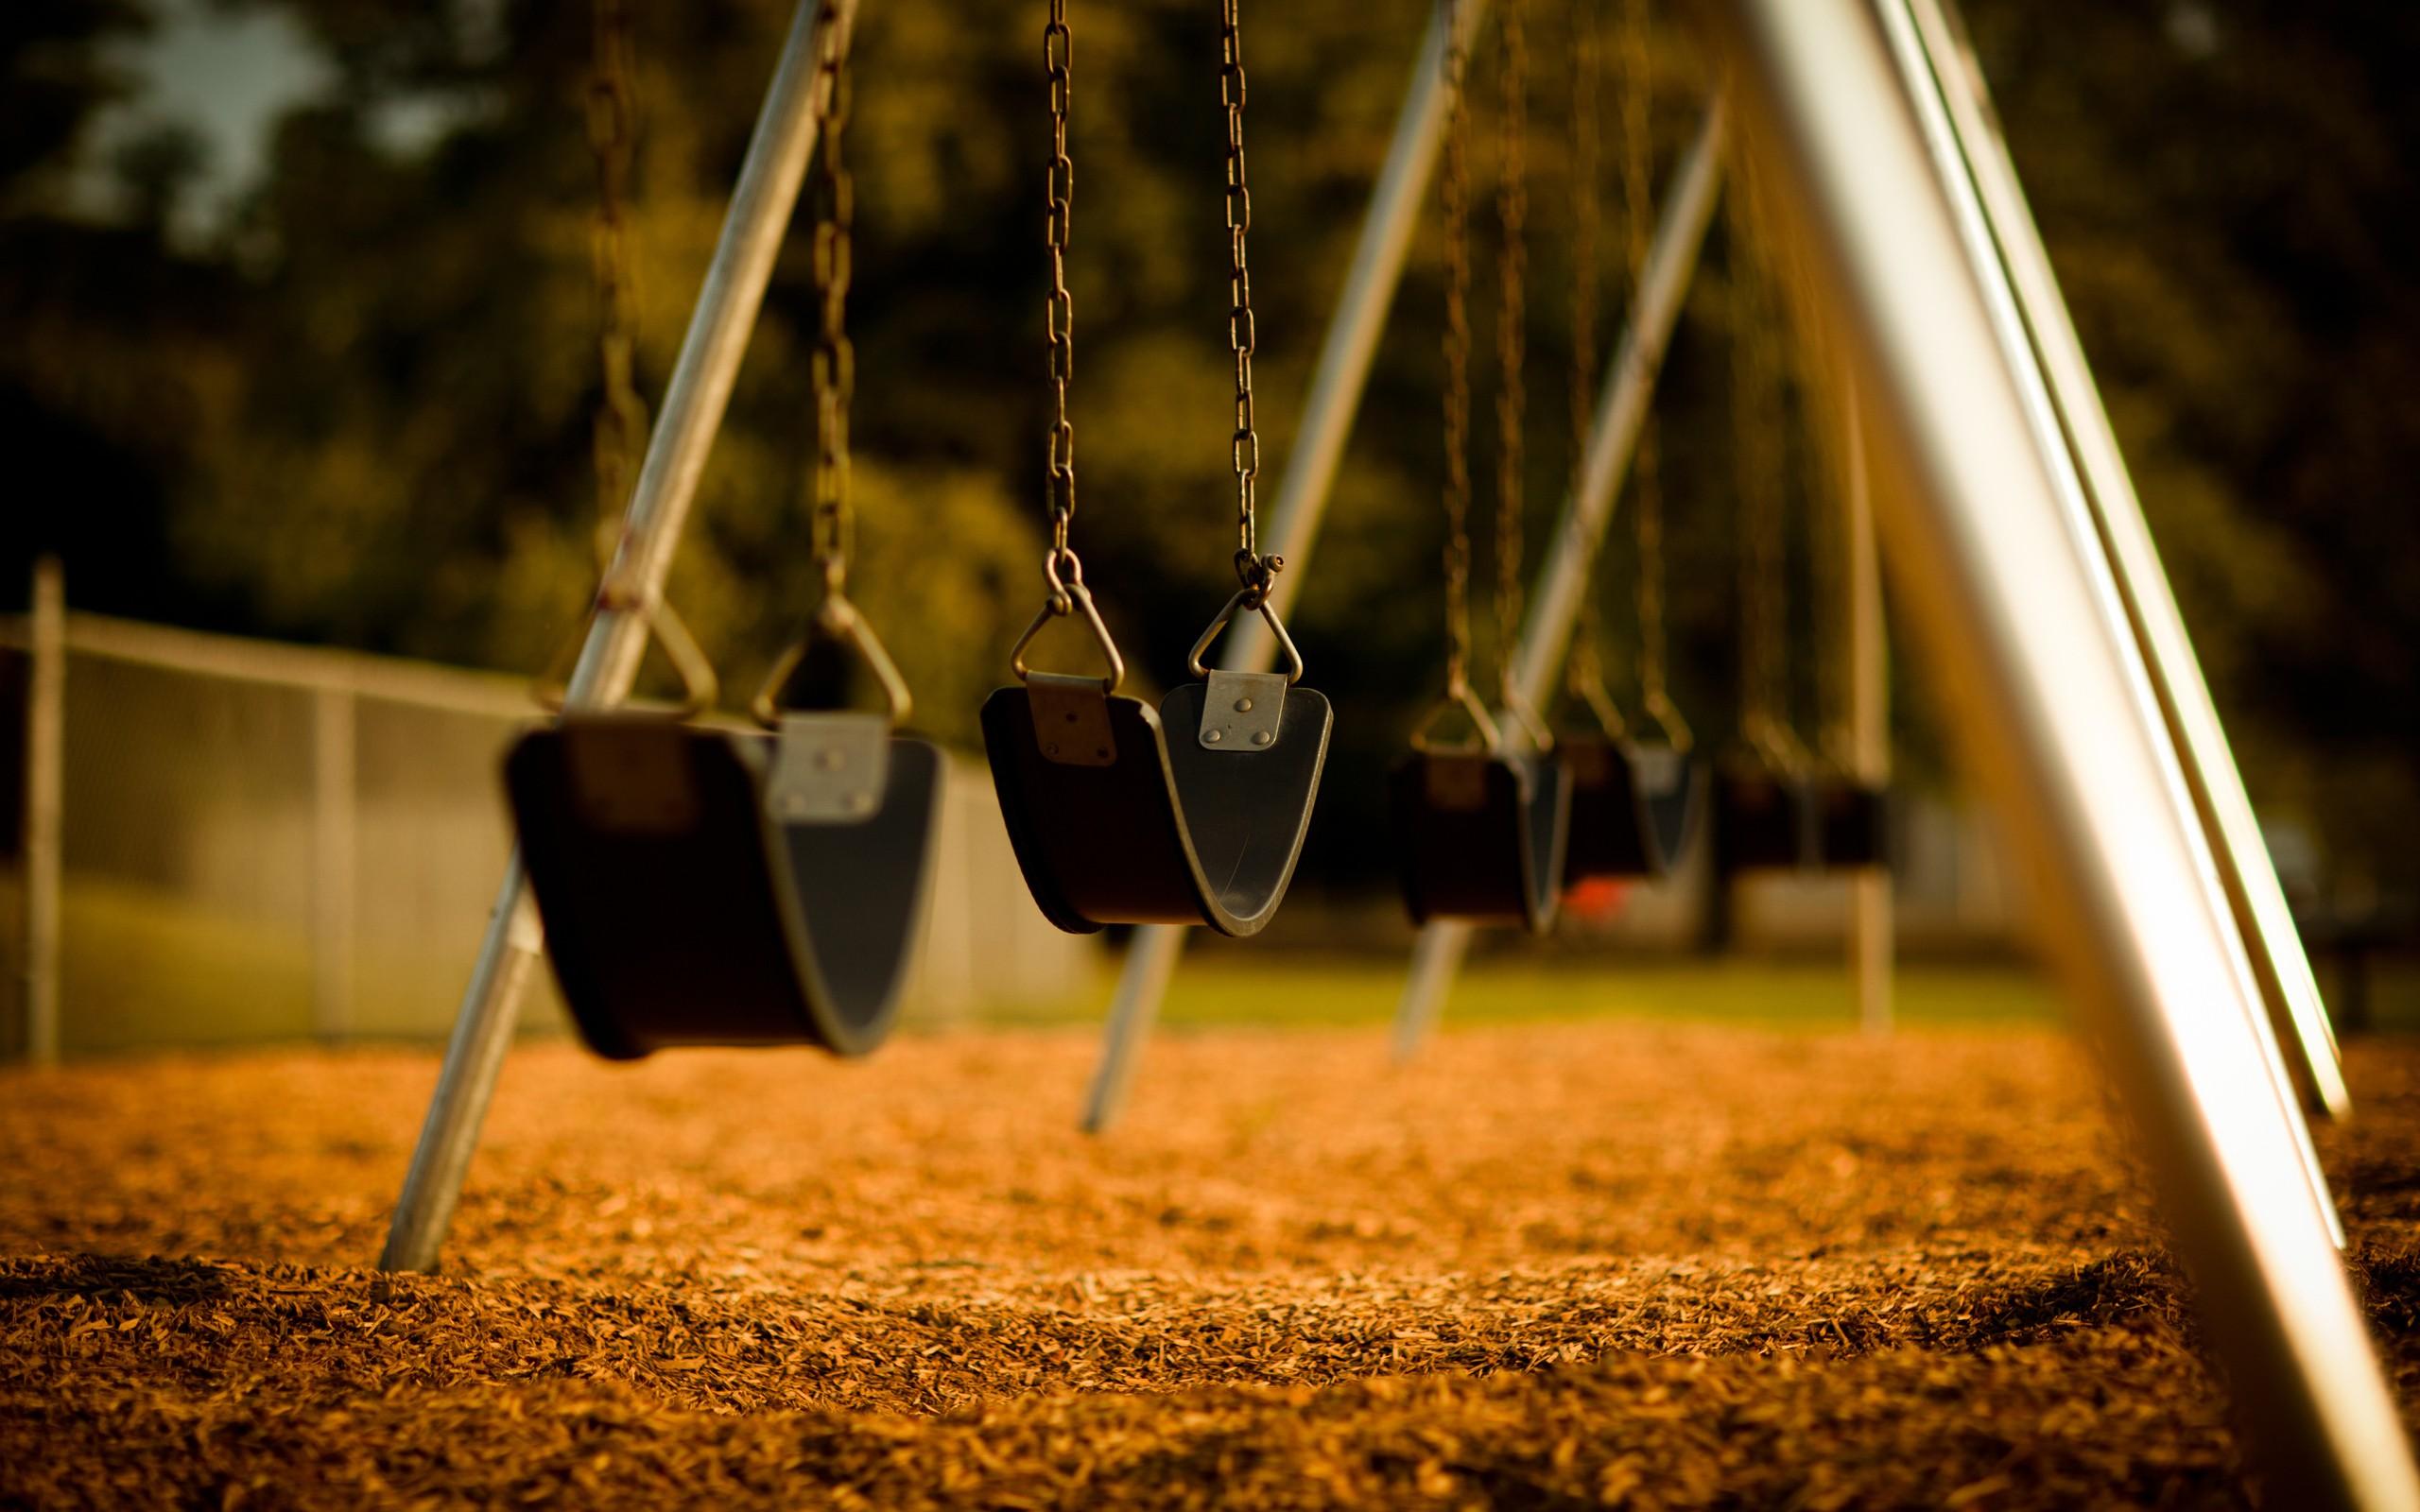 swing-playground_00426255.jpg